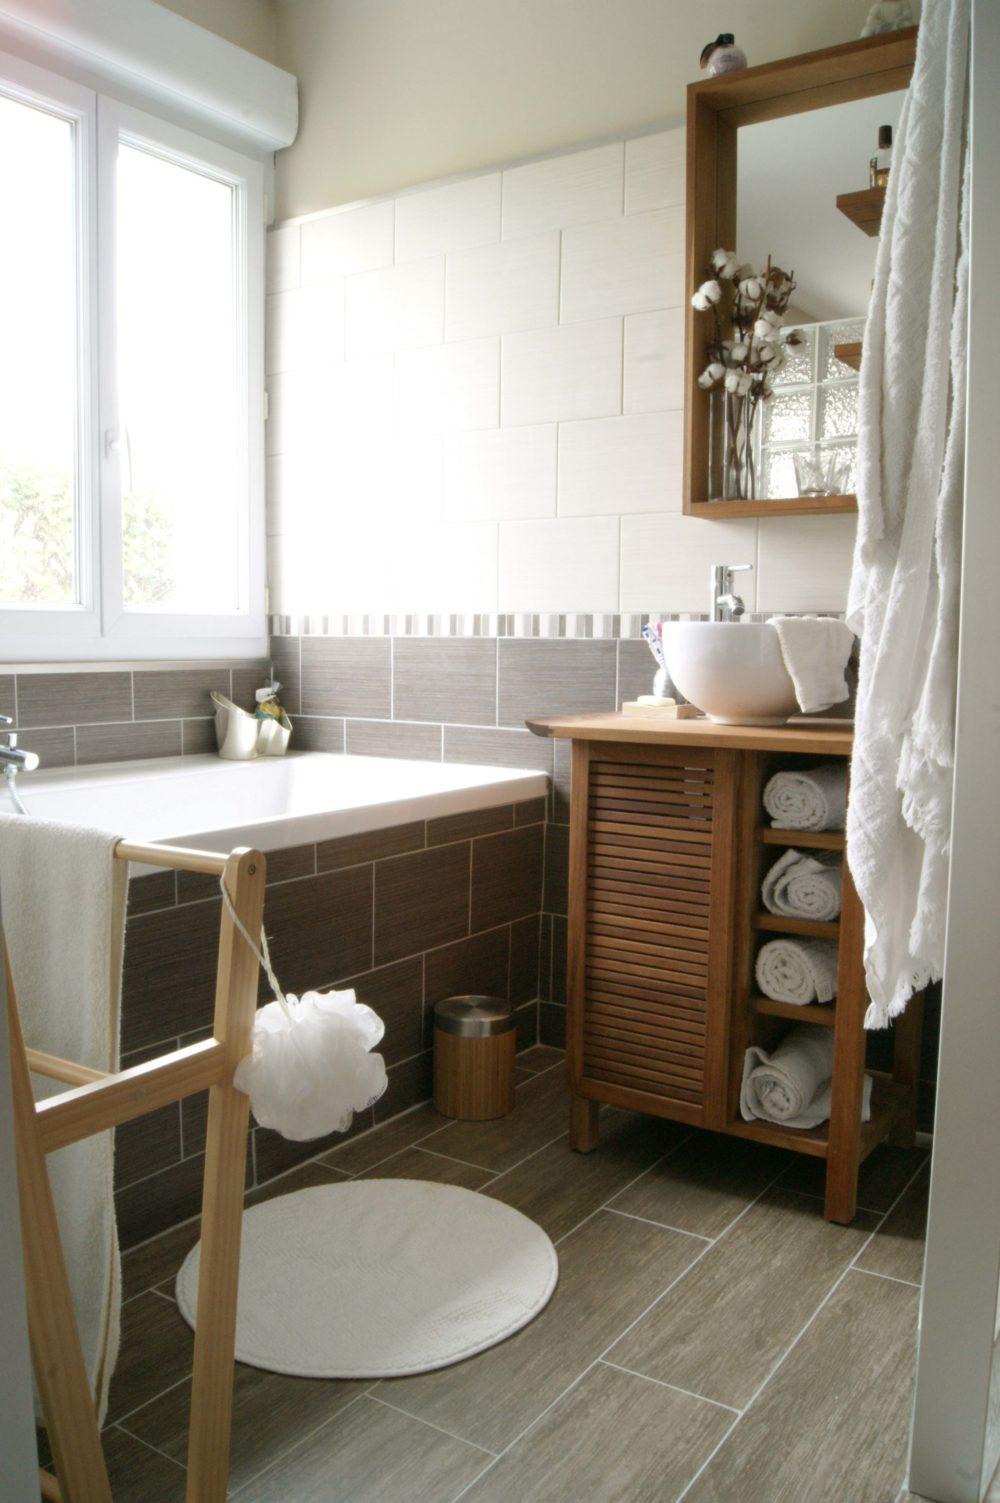 salle de bain suite parentale meuble en teck